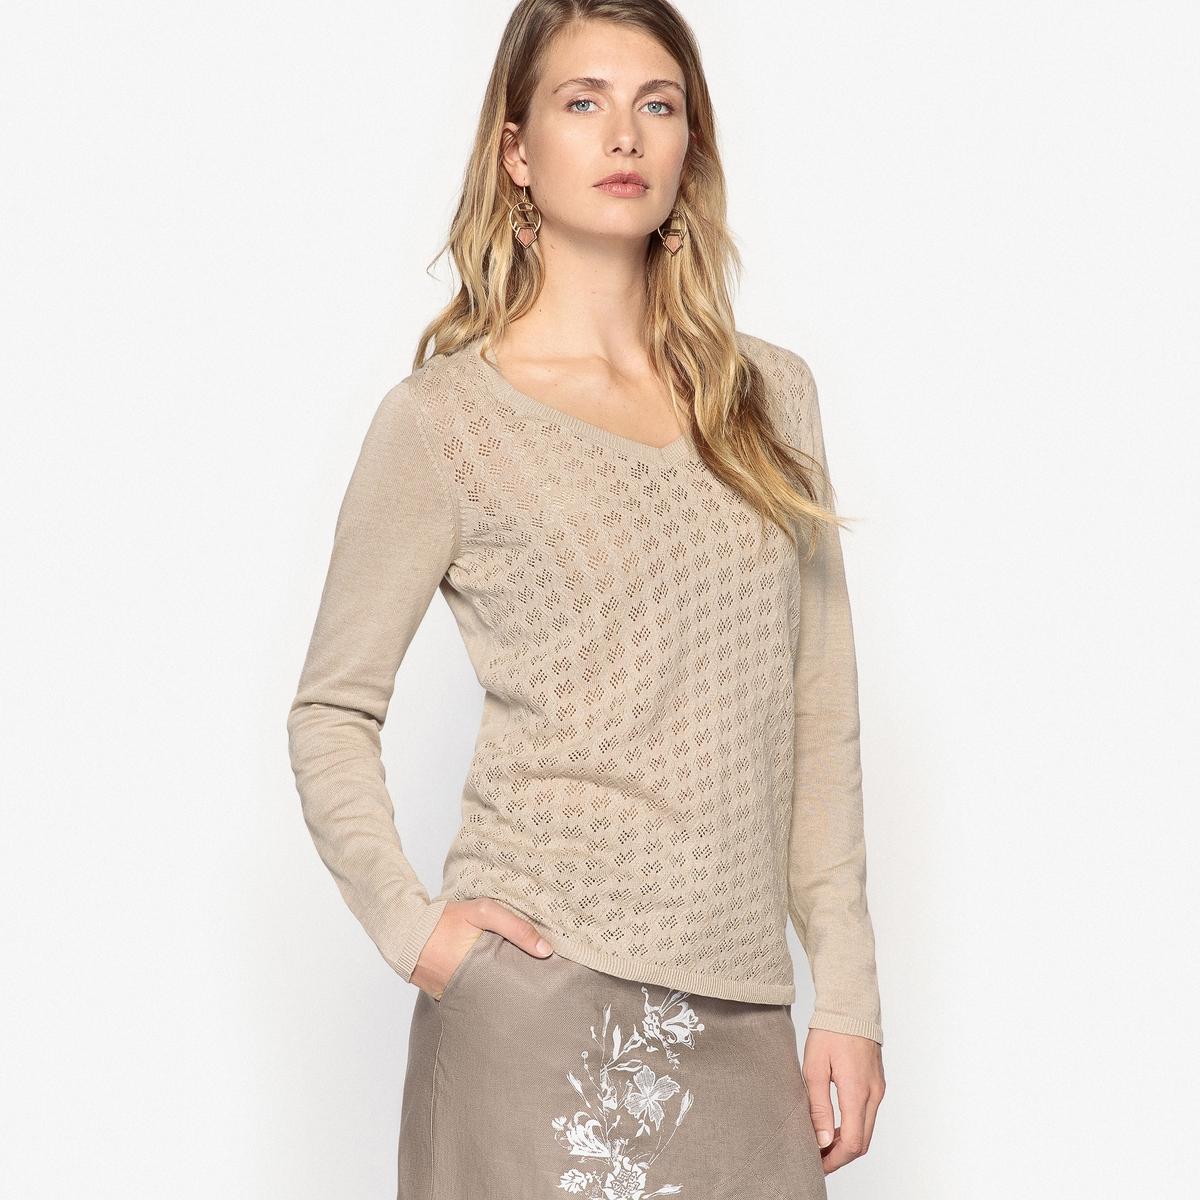 Пуловер с V-образным вырезом из льна и хлопкаОписание:Пуловер с вырезом в форме сердца. Из ажурного трикотажа спереди. Длинные рукава с неглубокой проймой. Отделка в рубчик. Разрезы внизу по бокам. Длина. 62 смДетали •  Длинные рукава •   V-образный вырез •  Тонкий трикотажСостав и уход •  45% хлопка, 55% льна •  Температура стирки 40° на деликатном режиме   •  Сухая чистка и отбеливатели запрещены •  Не использовать барабанную сушку • Средняя температура глажки  •  Длина  : 63,5 см<br><br>Цвет: бежевый,экрю